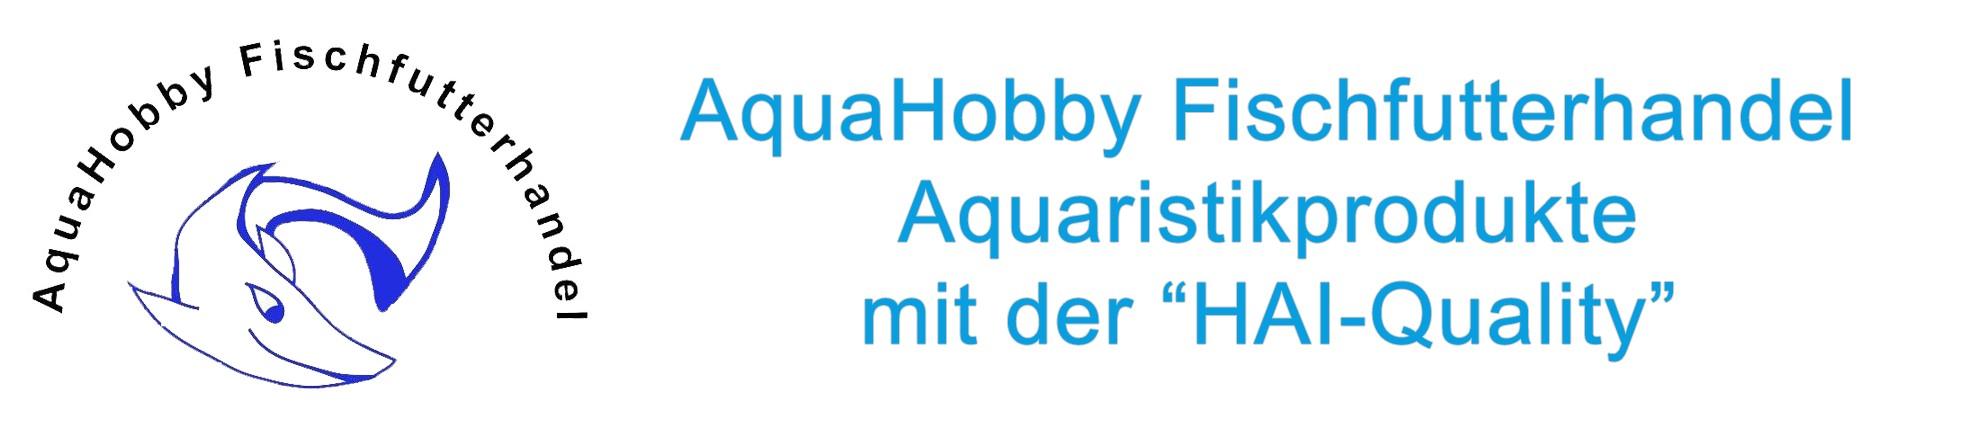 AquaHobby Fischfutter